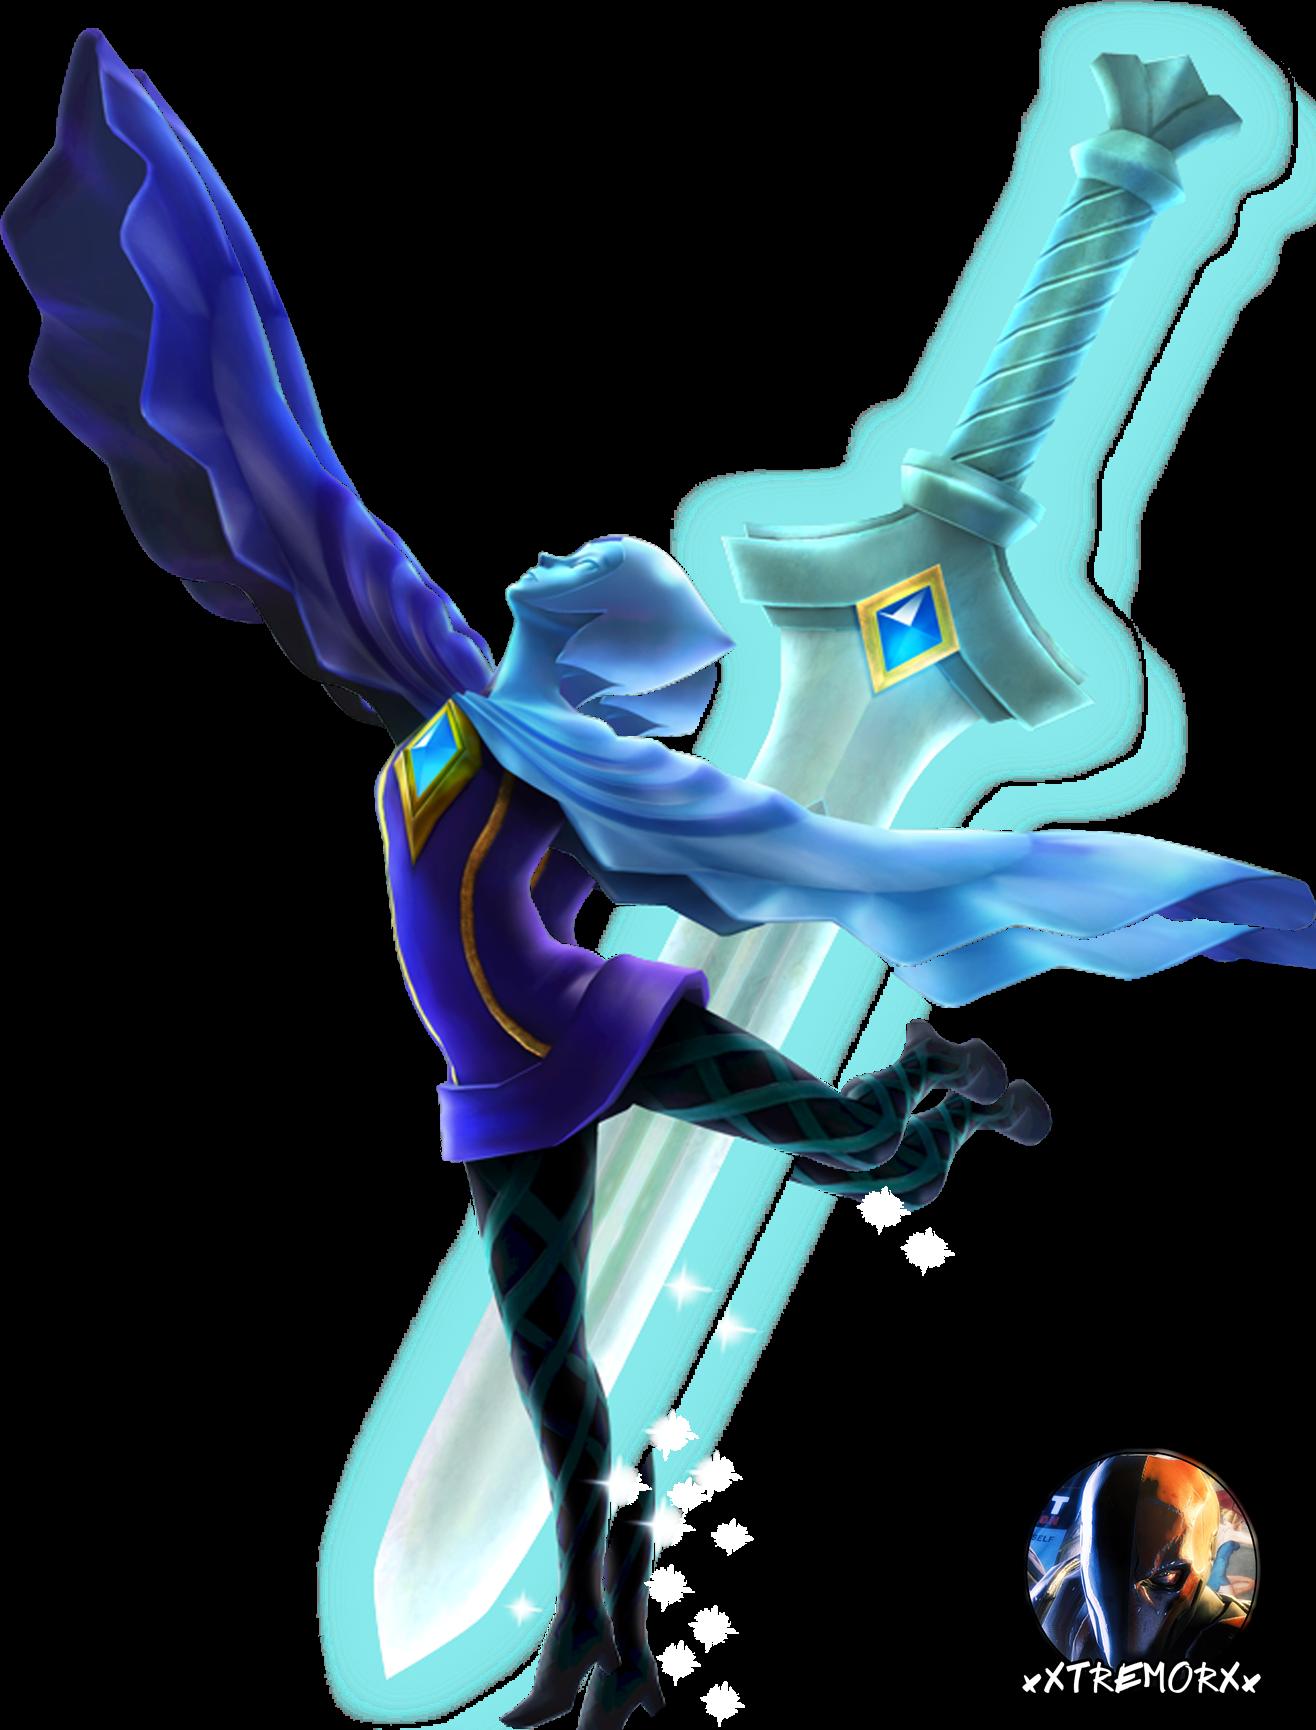 #HyruleWarriors #Videojuegos #WiiU Para más información sobre videojuegos síguenos en Twitter https://twitter.com/TS_Videojuegos y en www.todosobrevideojuegos.com